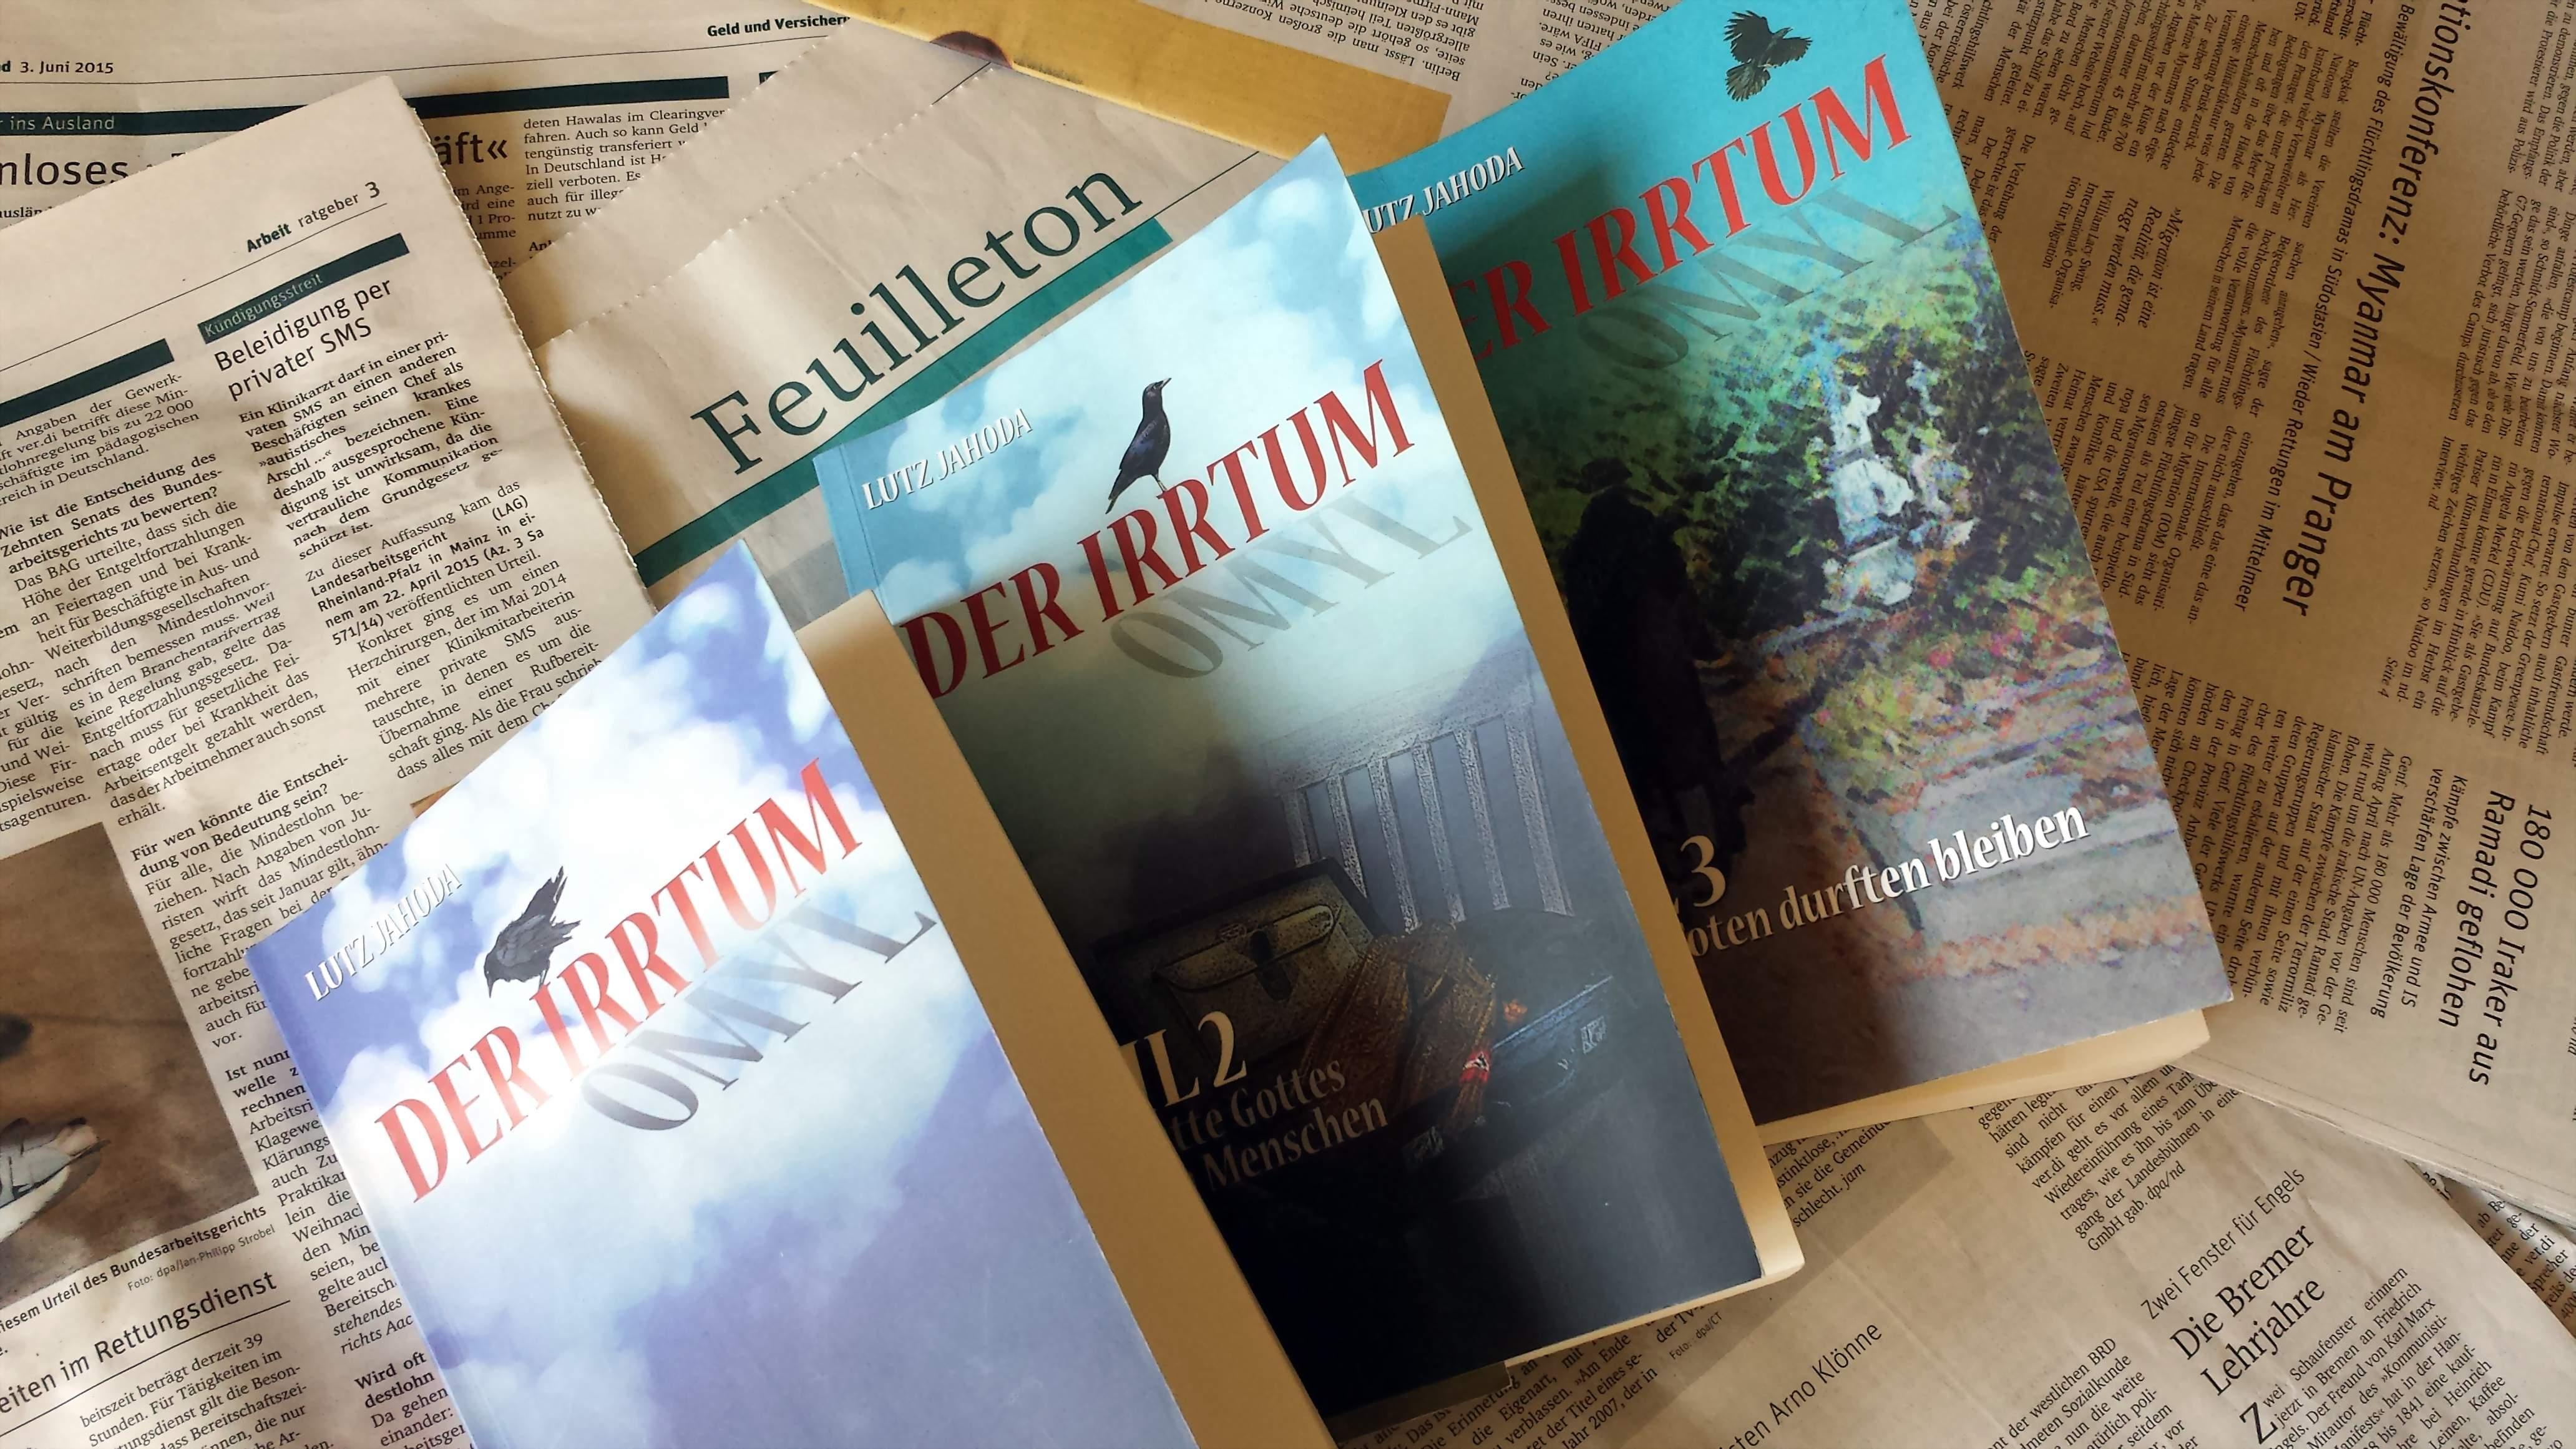 Die Roman-Trilogie aus der Hand Lutz Jahodas ist in der edition lithaus erschienen; Foto: C.-D. Stille